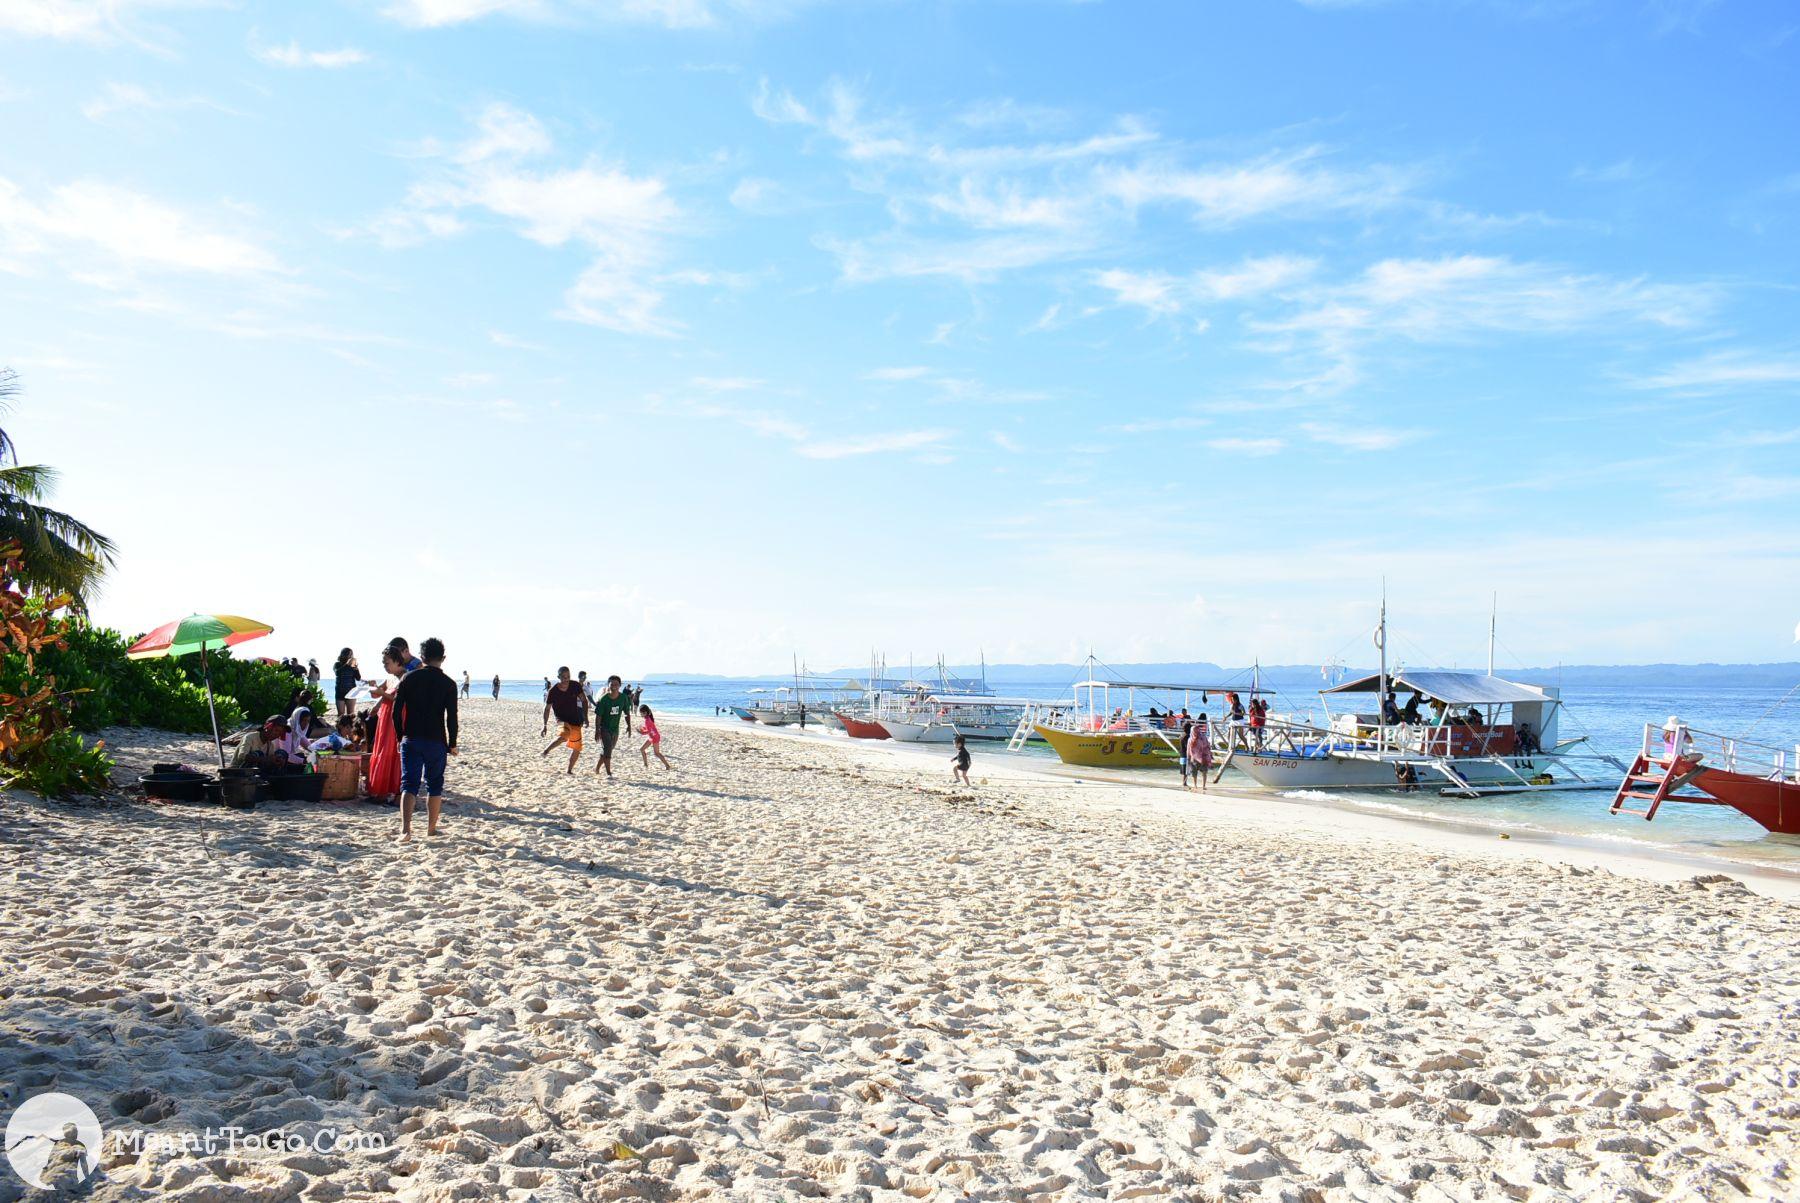 Hagonoy Island, Britania, Surigao del Sur